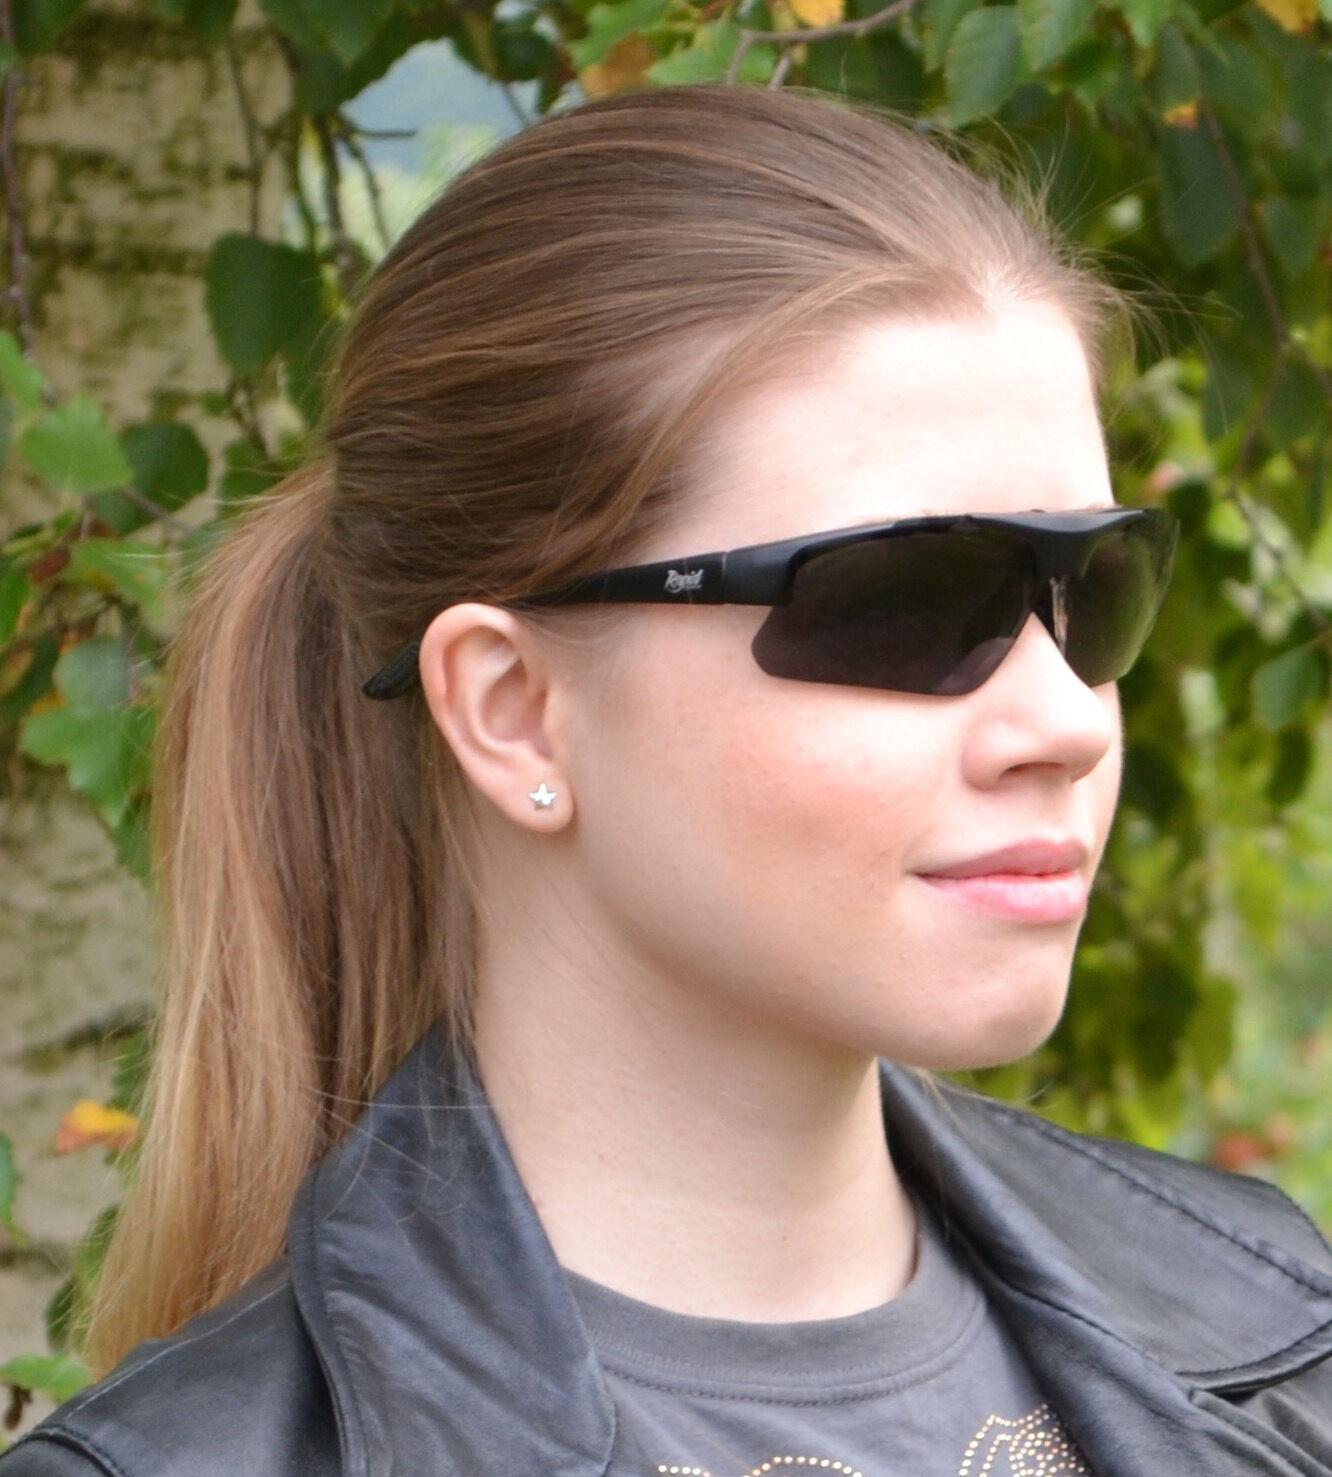 Rx SPORTBRILLE in in in SEHSTÄRKE mit OPTIKADAPTER  Korrekturgläser, für Brillenträger 9a524d